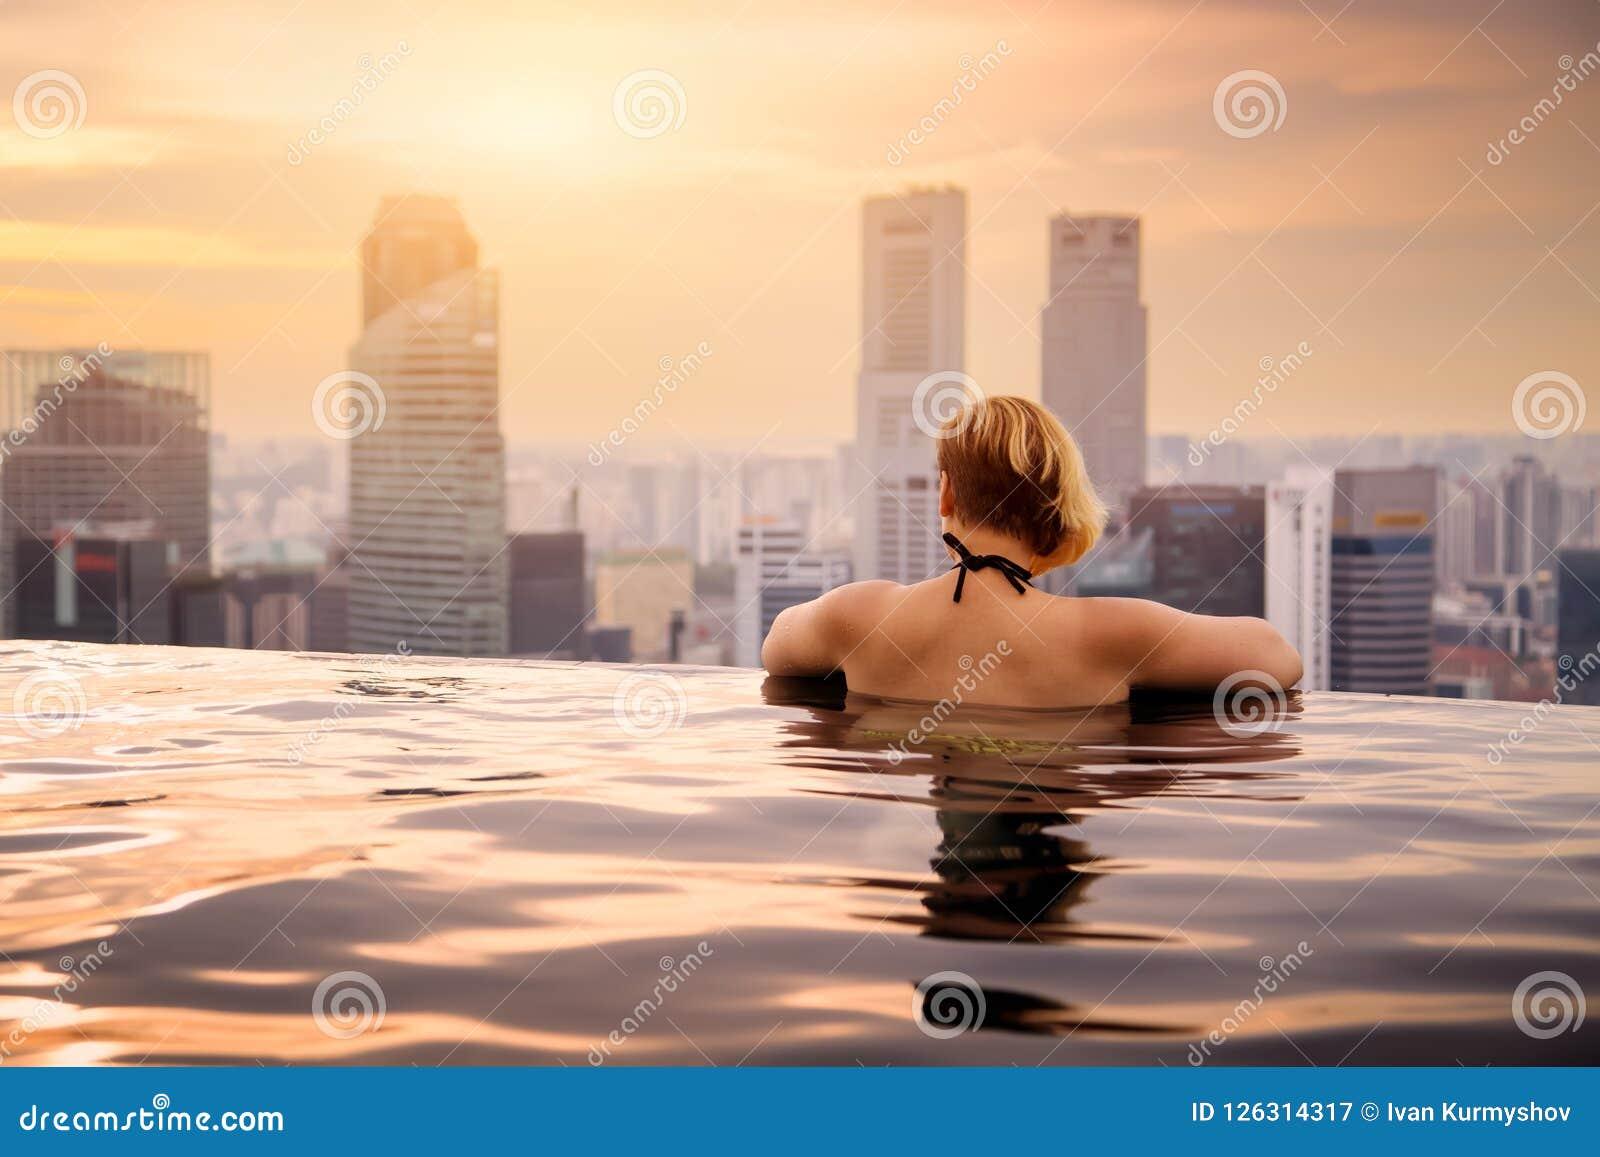 Γυναίκα στην πισίνα απείρου